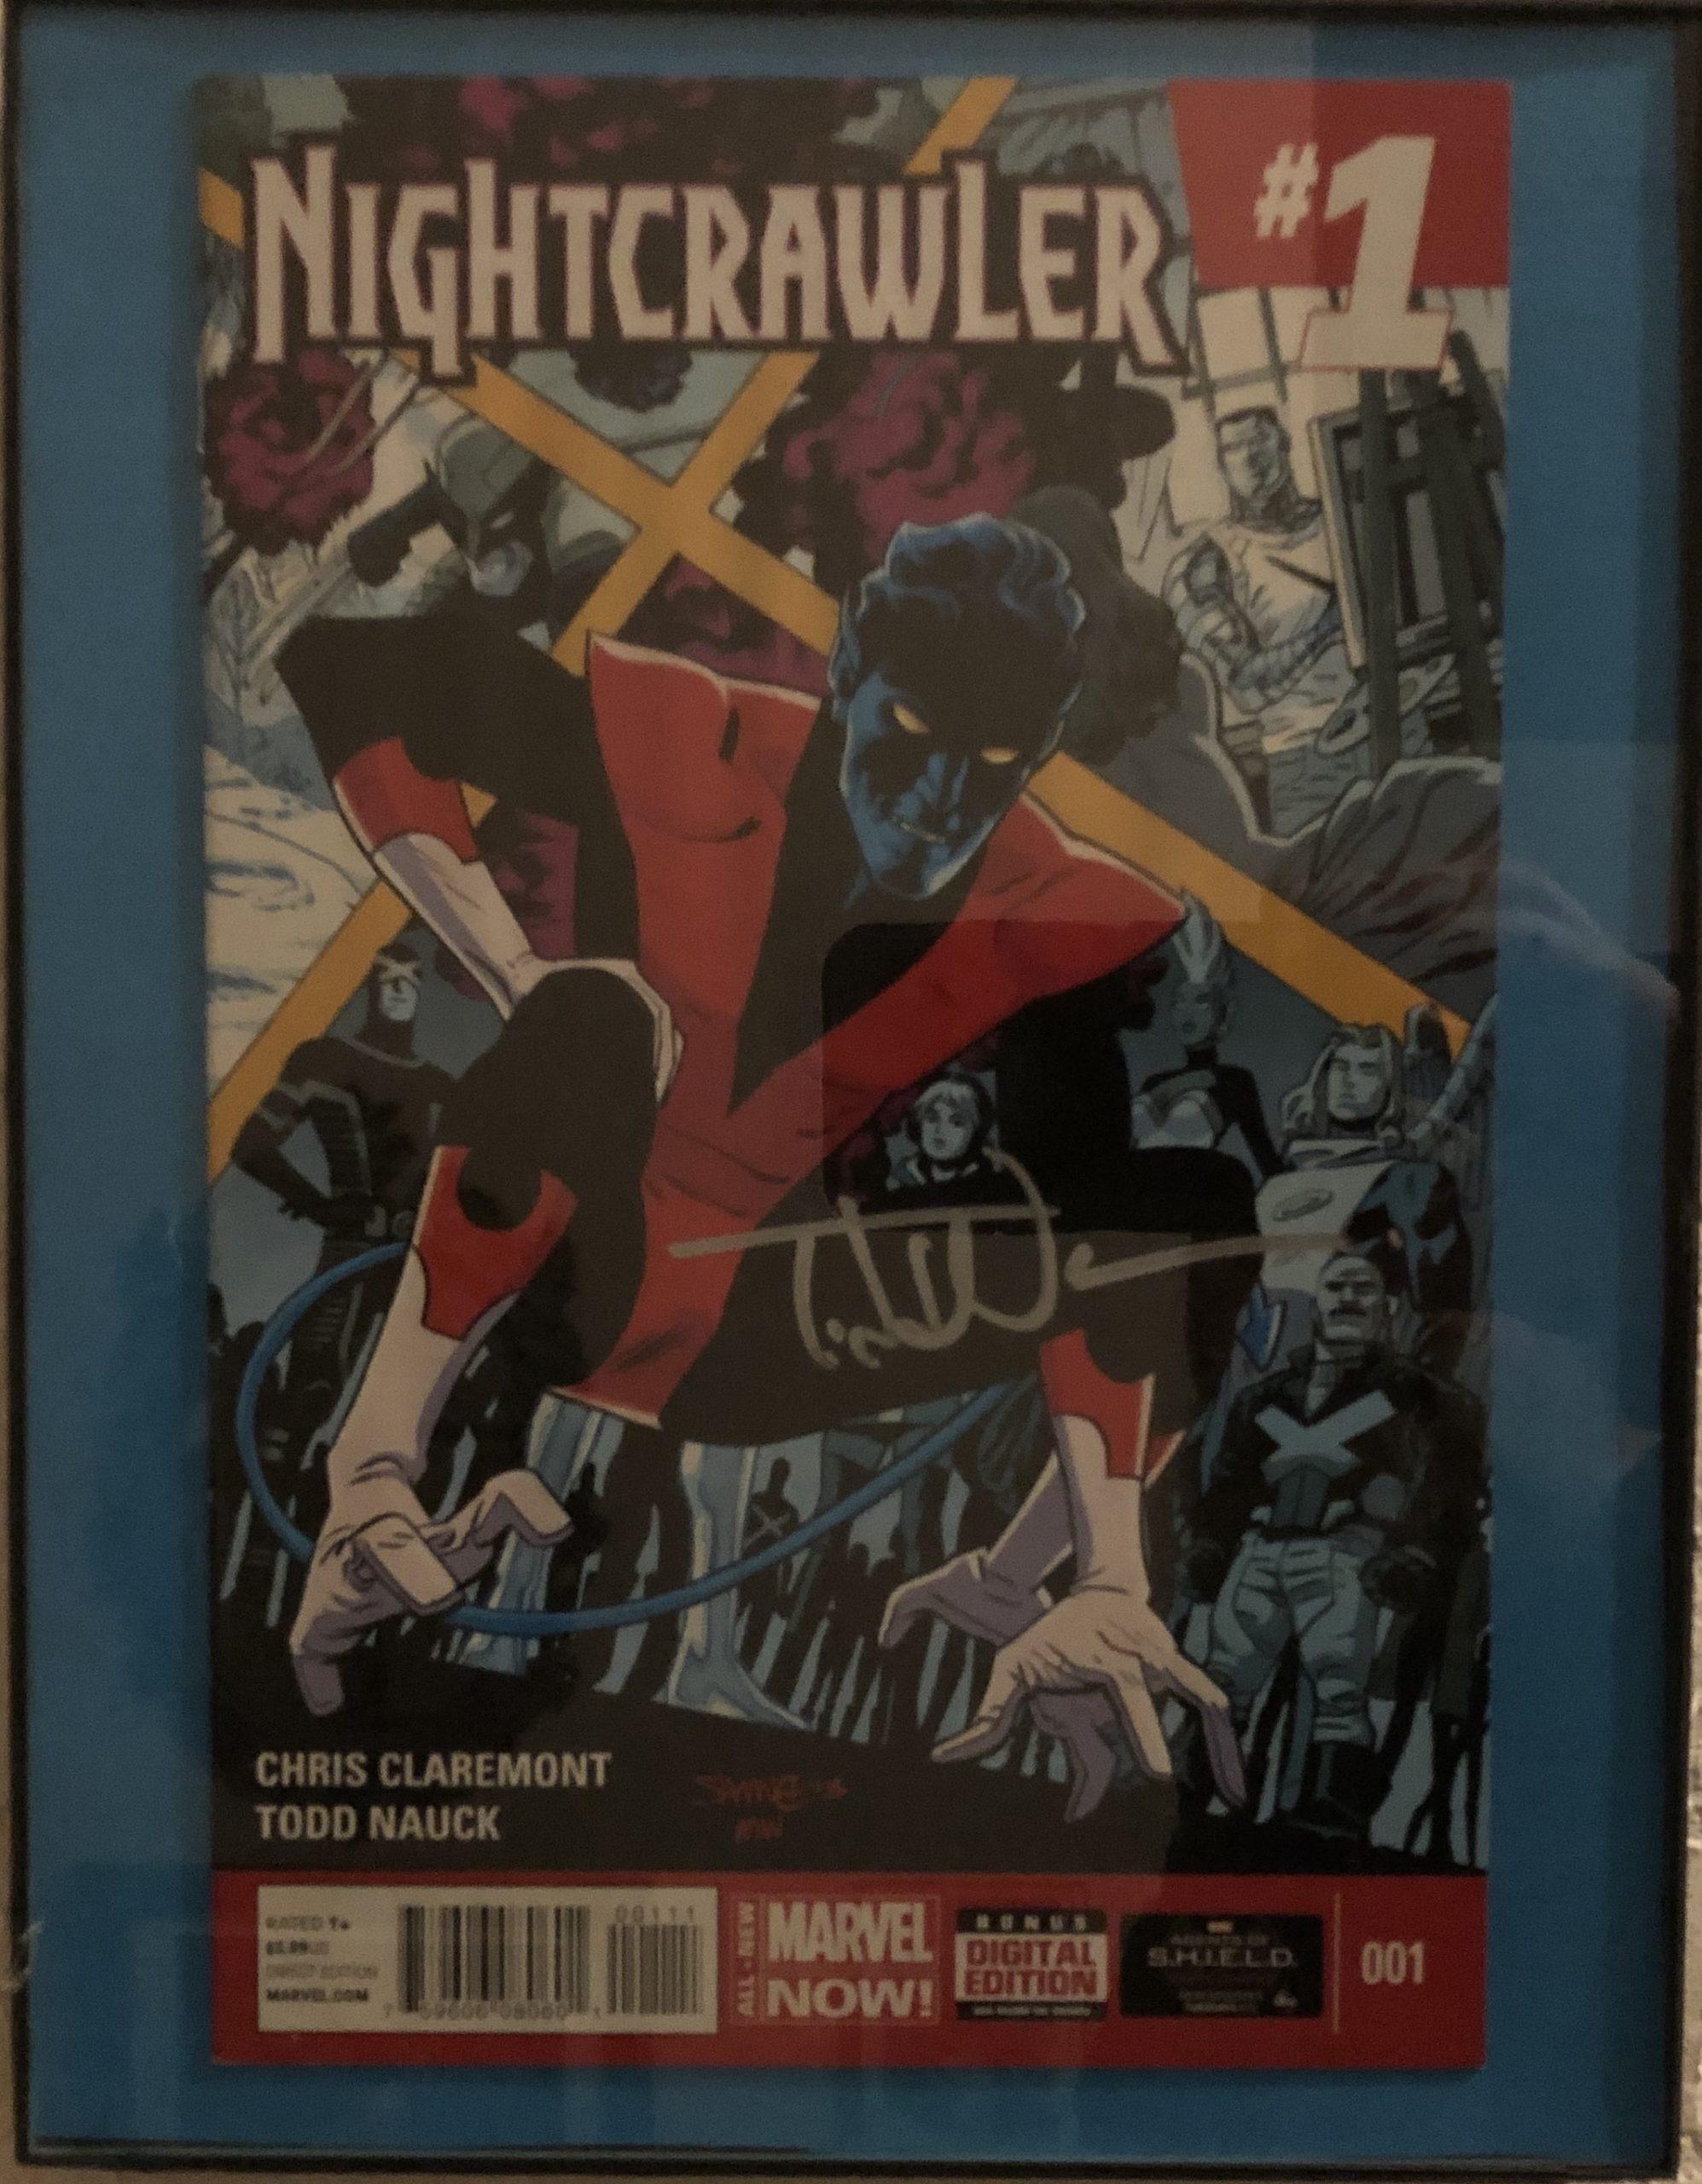 Nightcrawler 1 Todd Nauck